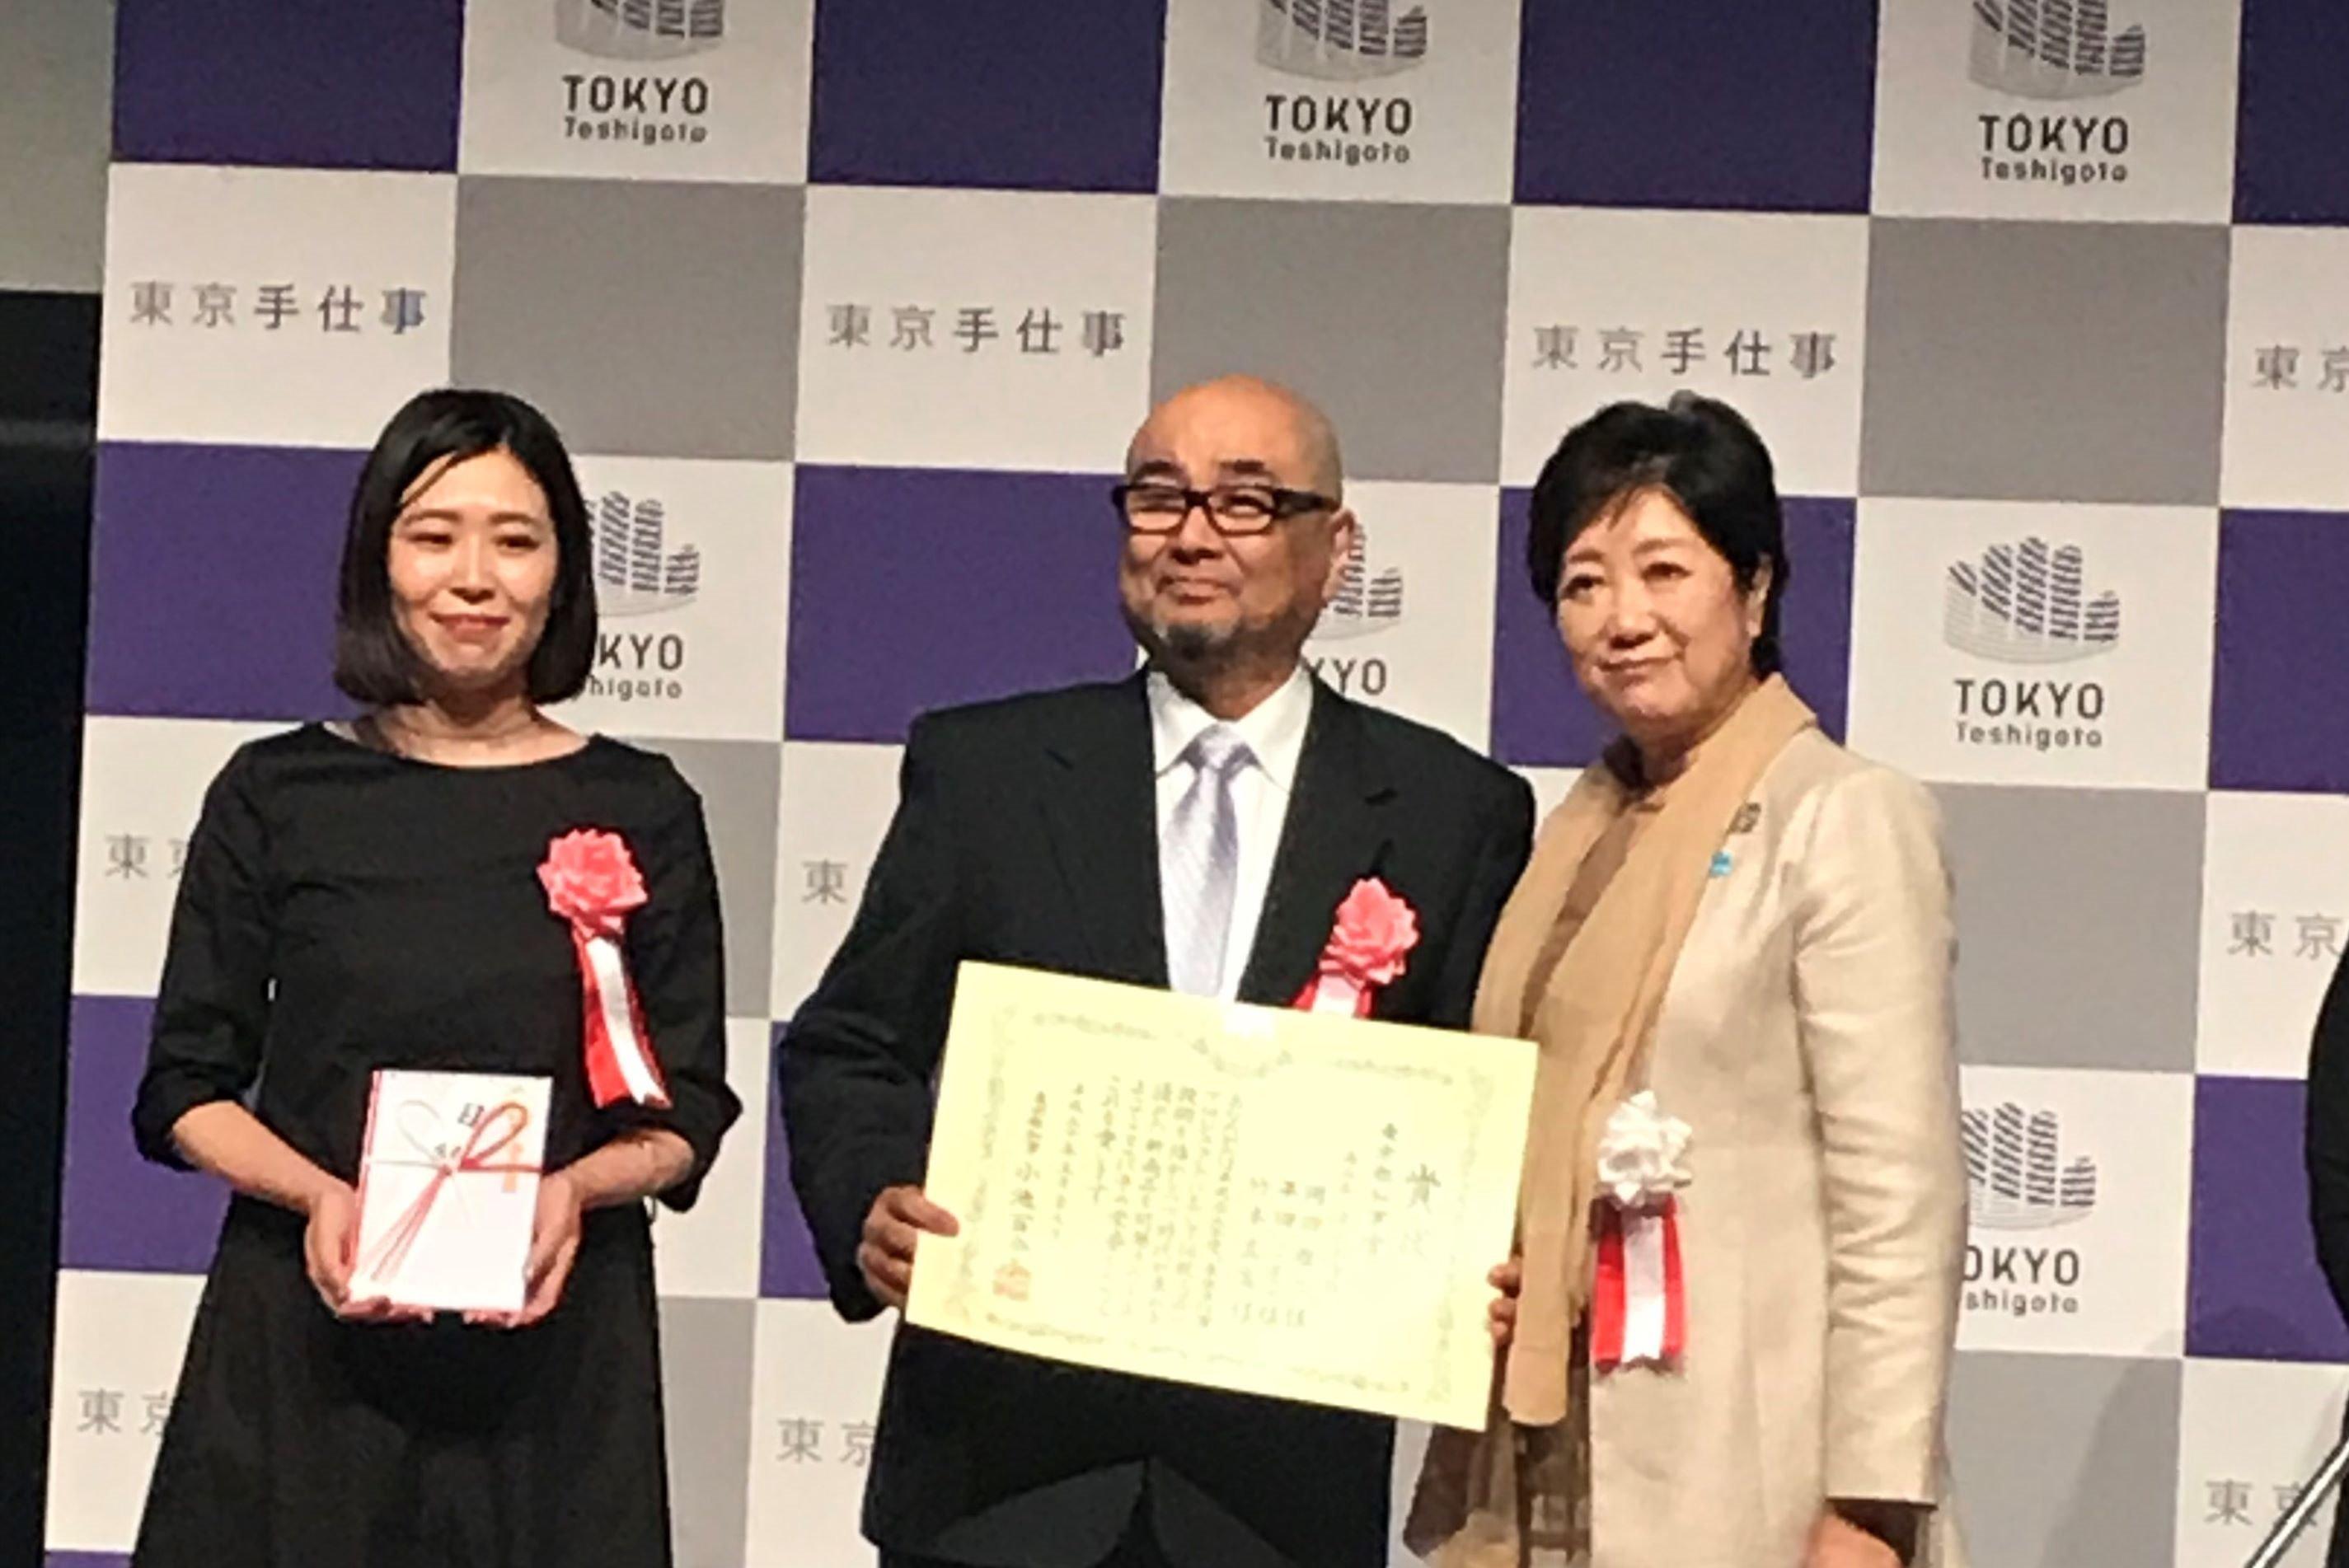 婚礼・新生活にオススメのアイテムも<br>「東京手仕事」プロジェクト商品発表会